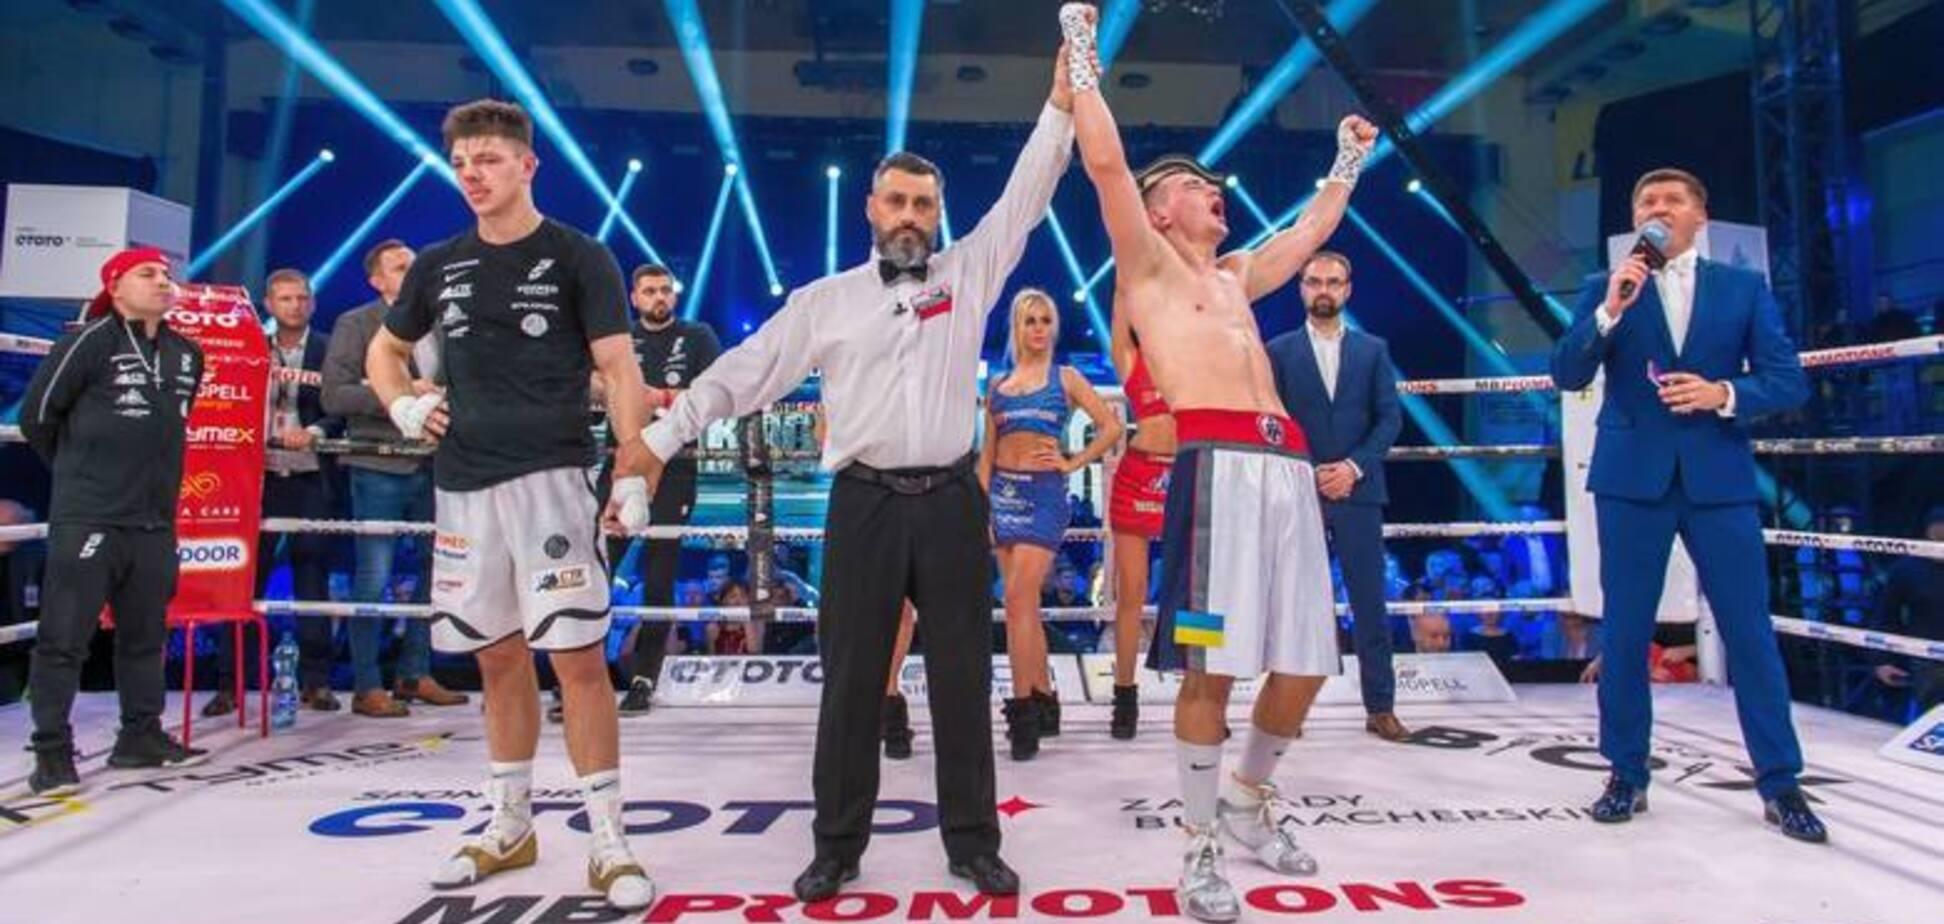 Известный украинский боксер добыл победу эффектным нокаутом в чемпионском бою